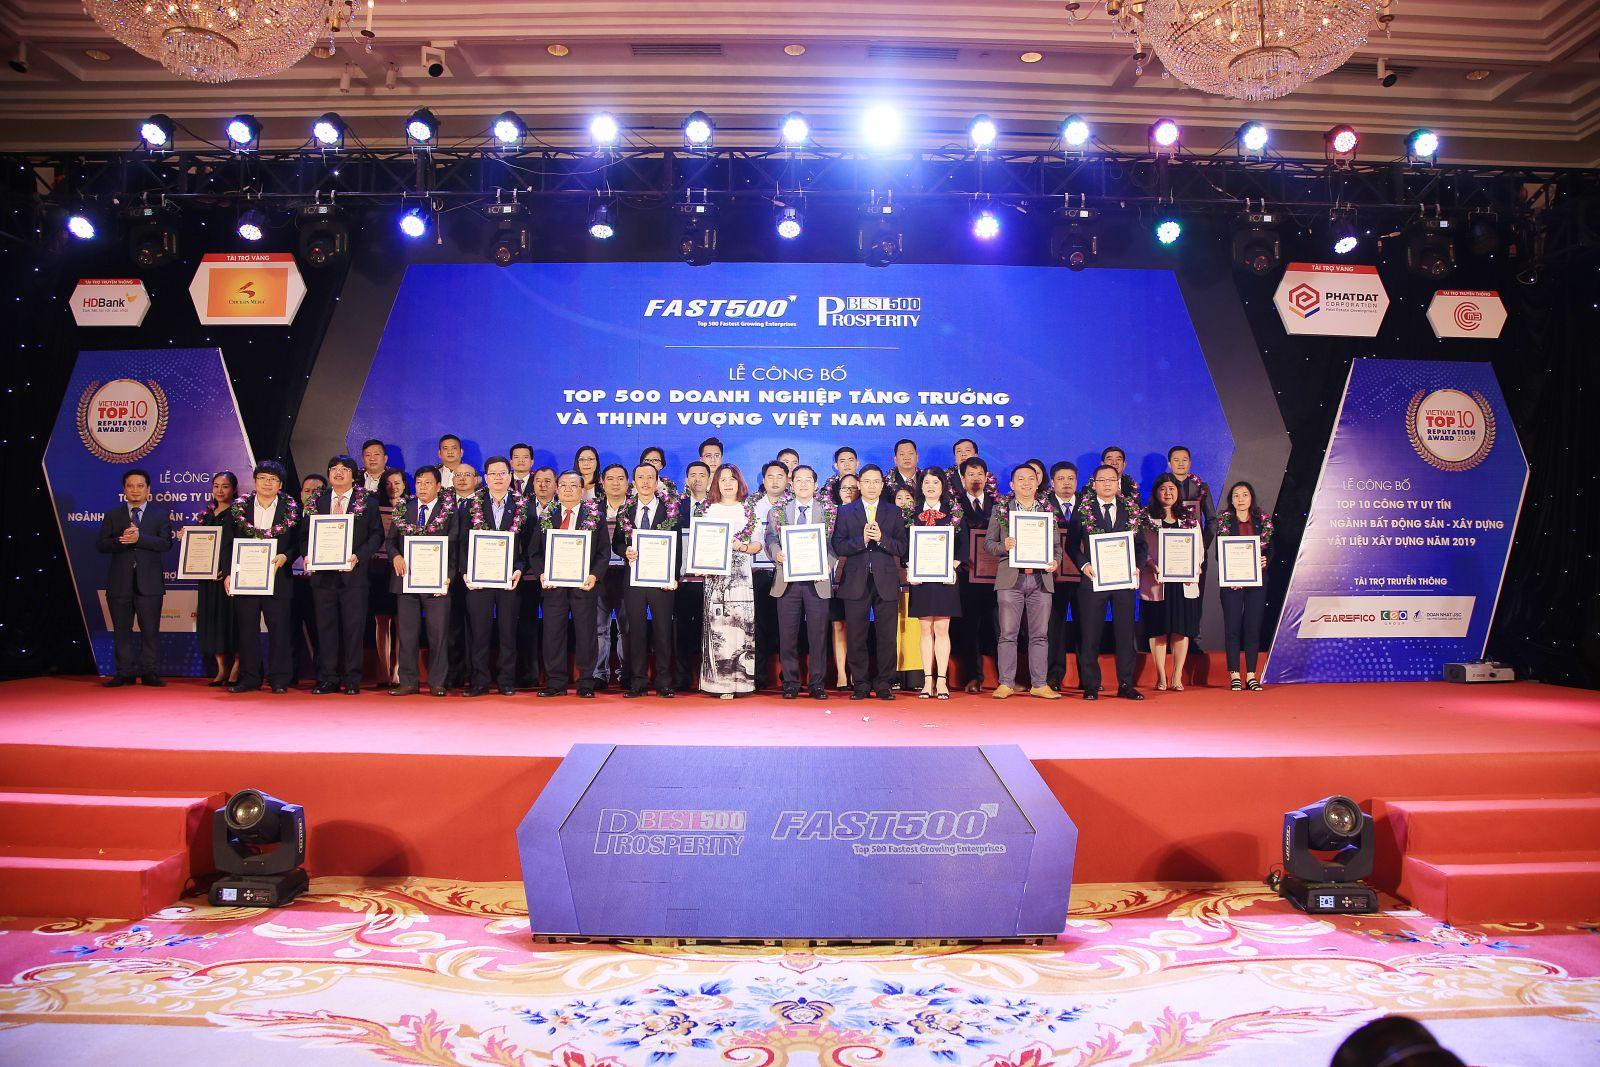 Taseco airs vinh dự được công nhận  là một trong 500 DN  thịnh vượng nhất Việt Nam